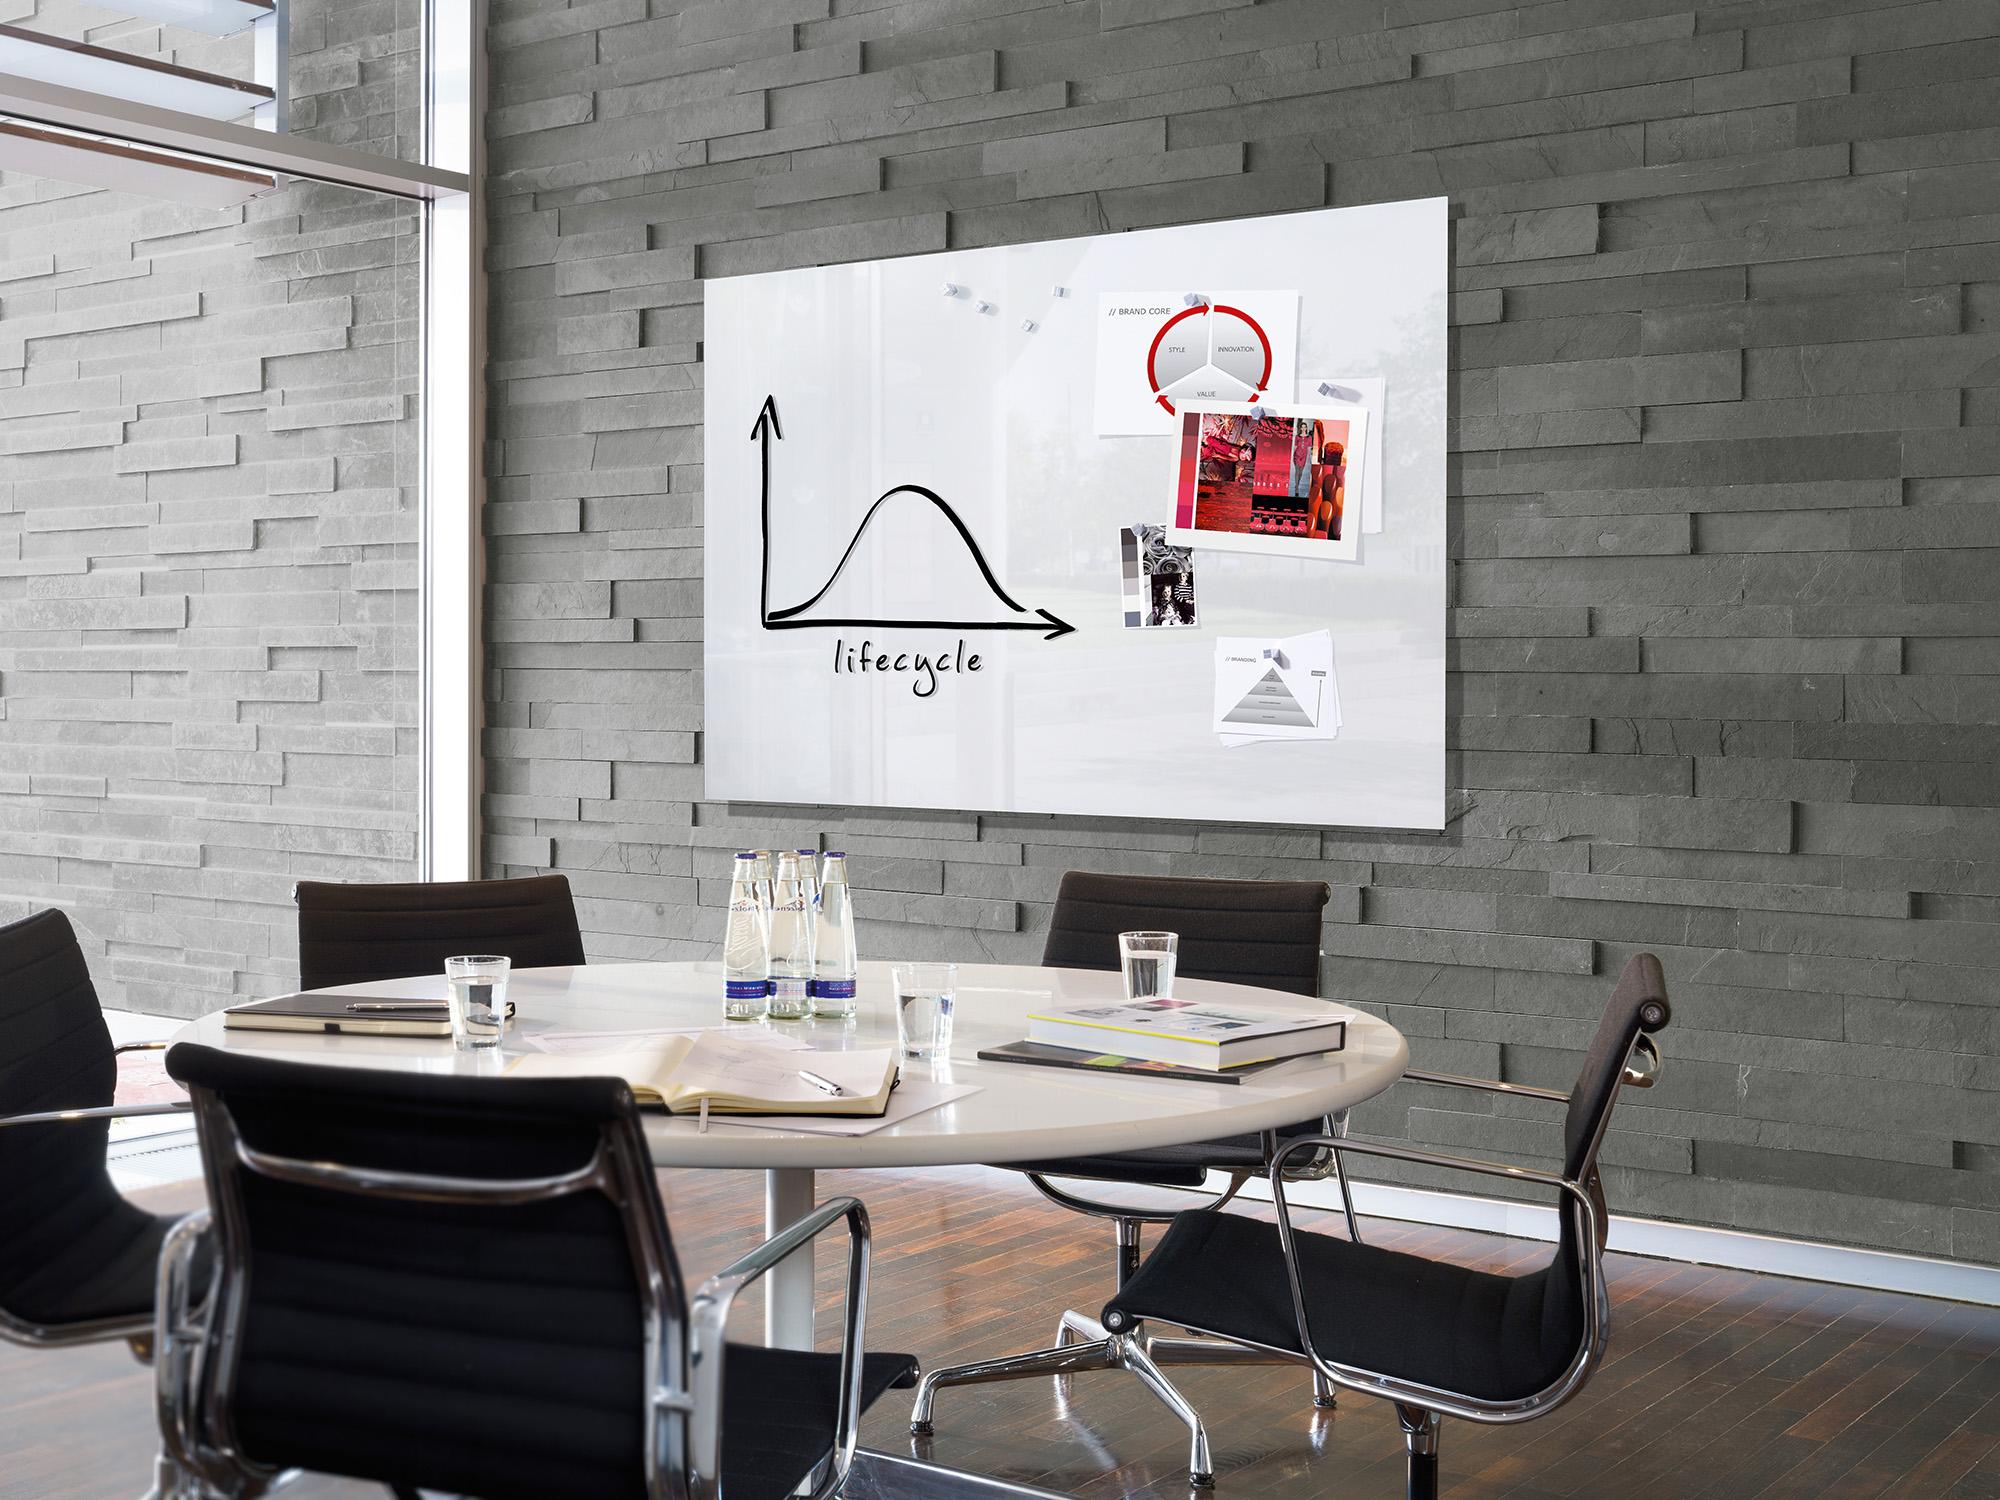 Tableau blanc magn tique en verre effa able et aimant for Decoration en ligne belgique